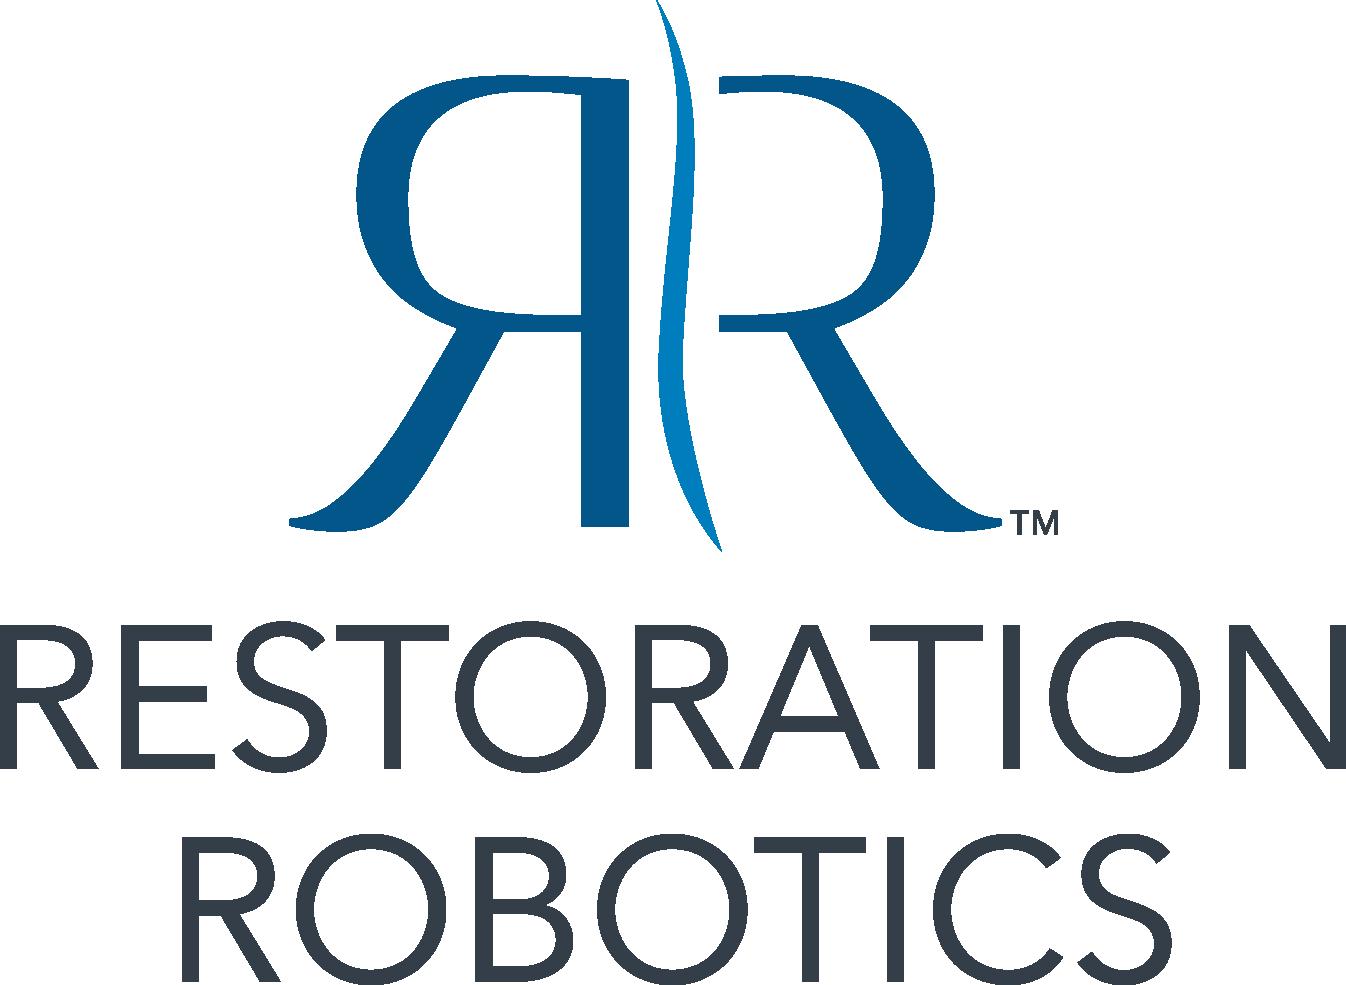 Restoration Robotics Reports Second Quarter 2018 Financial Results